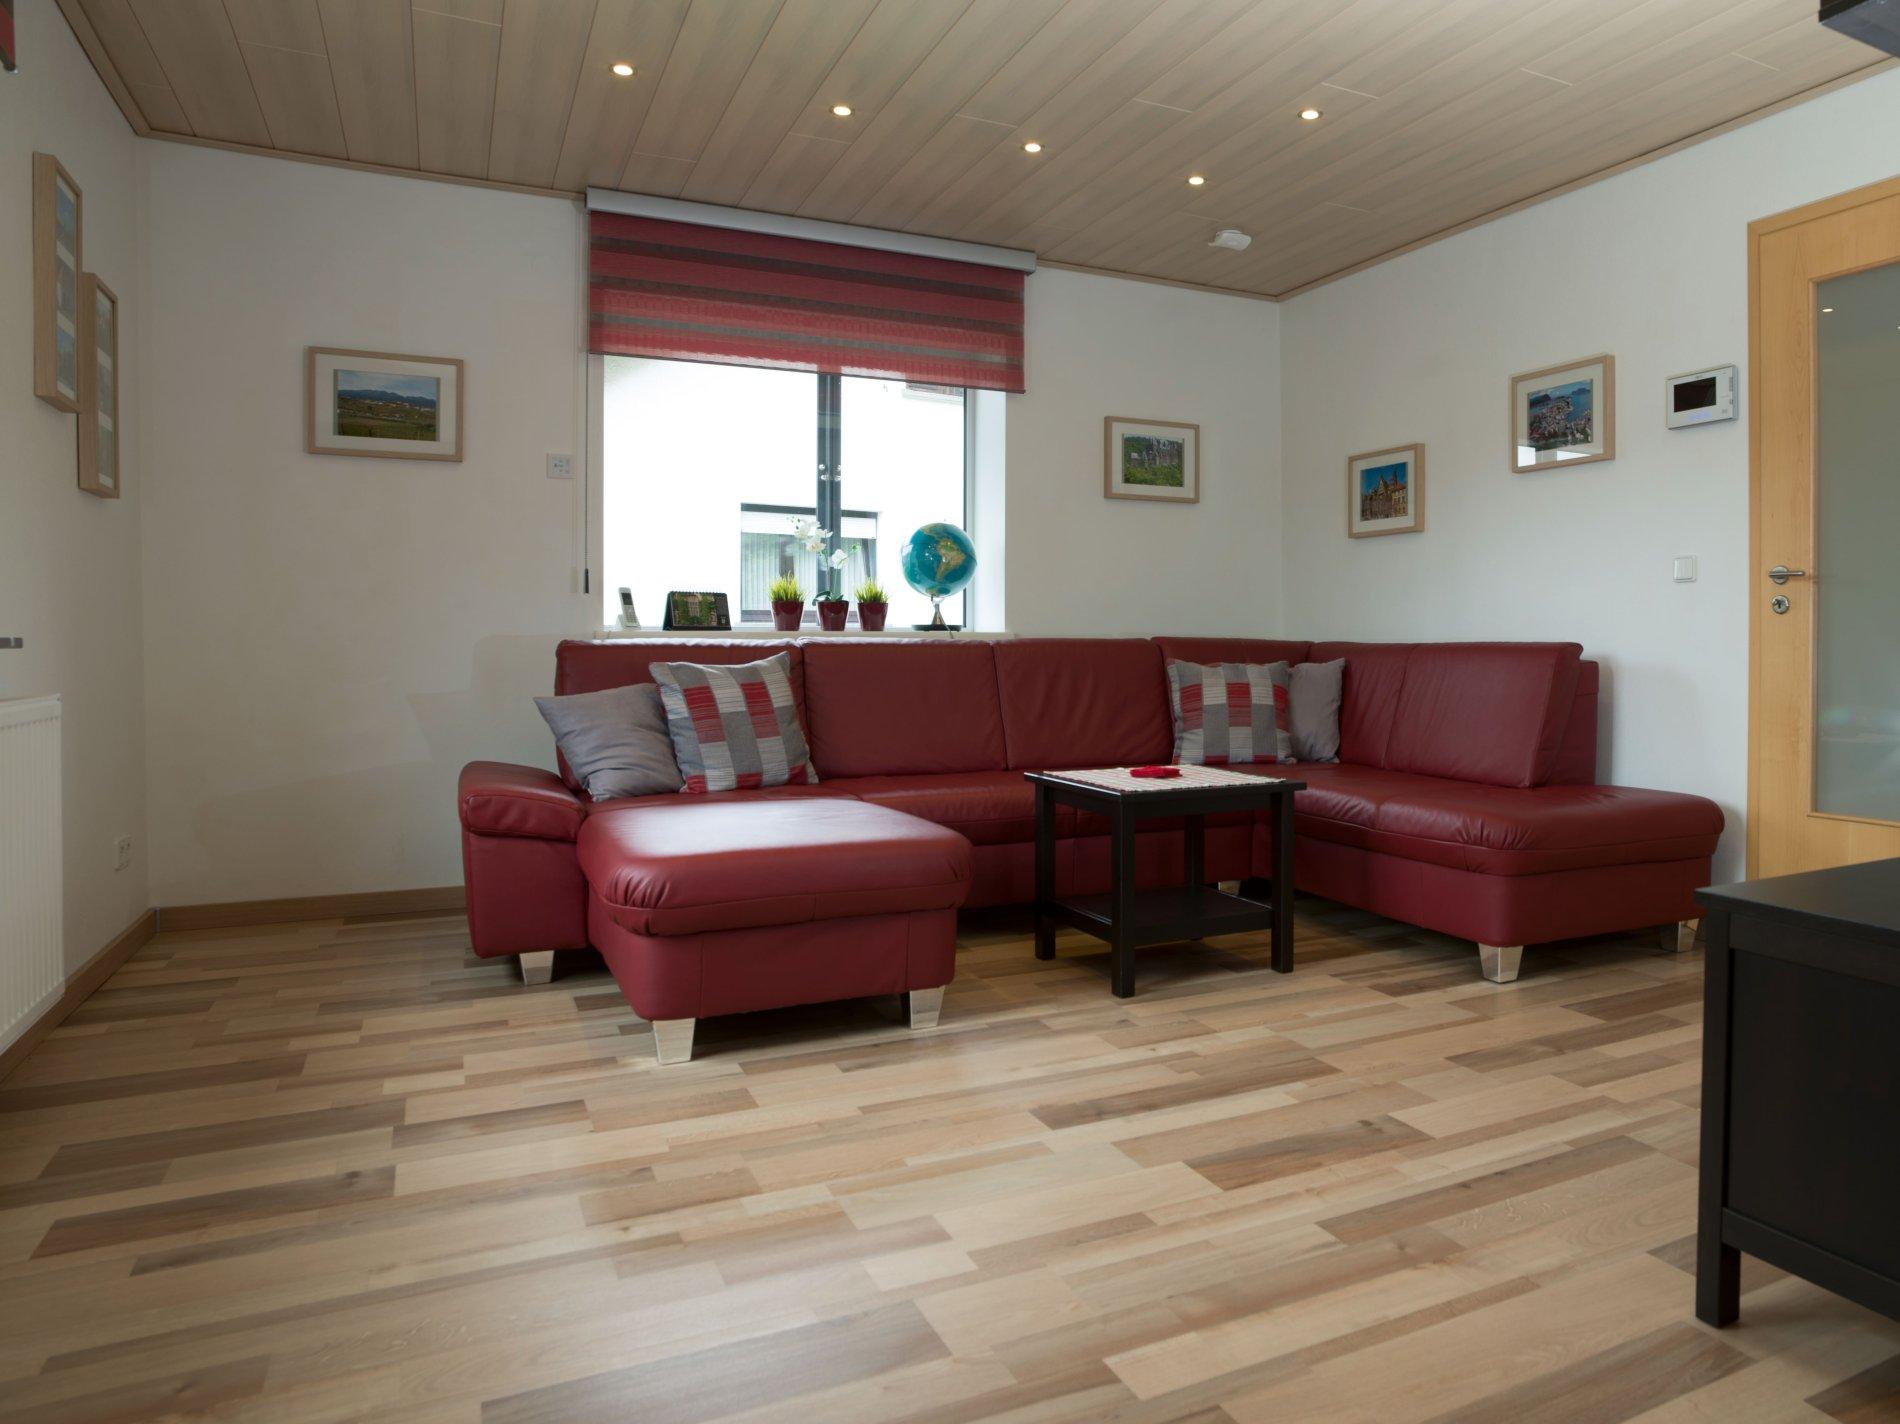 Schwarz-Rote Küche mit Tisch und 4 Stühle auf Laminatboden